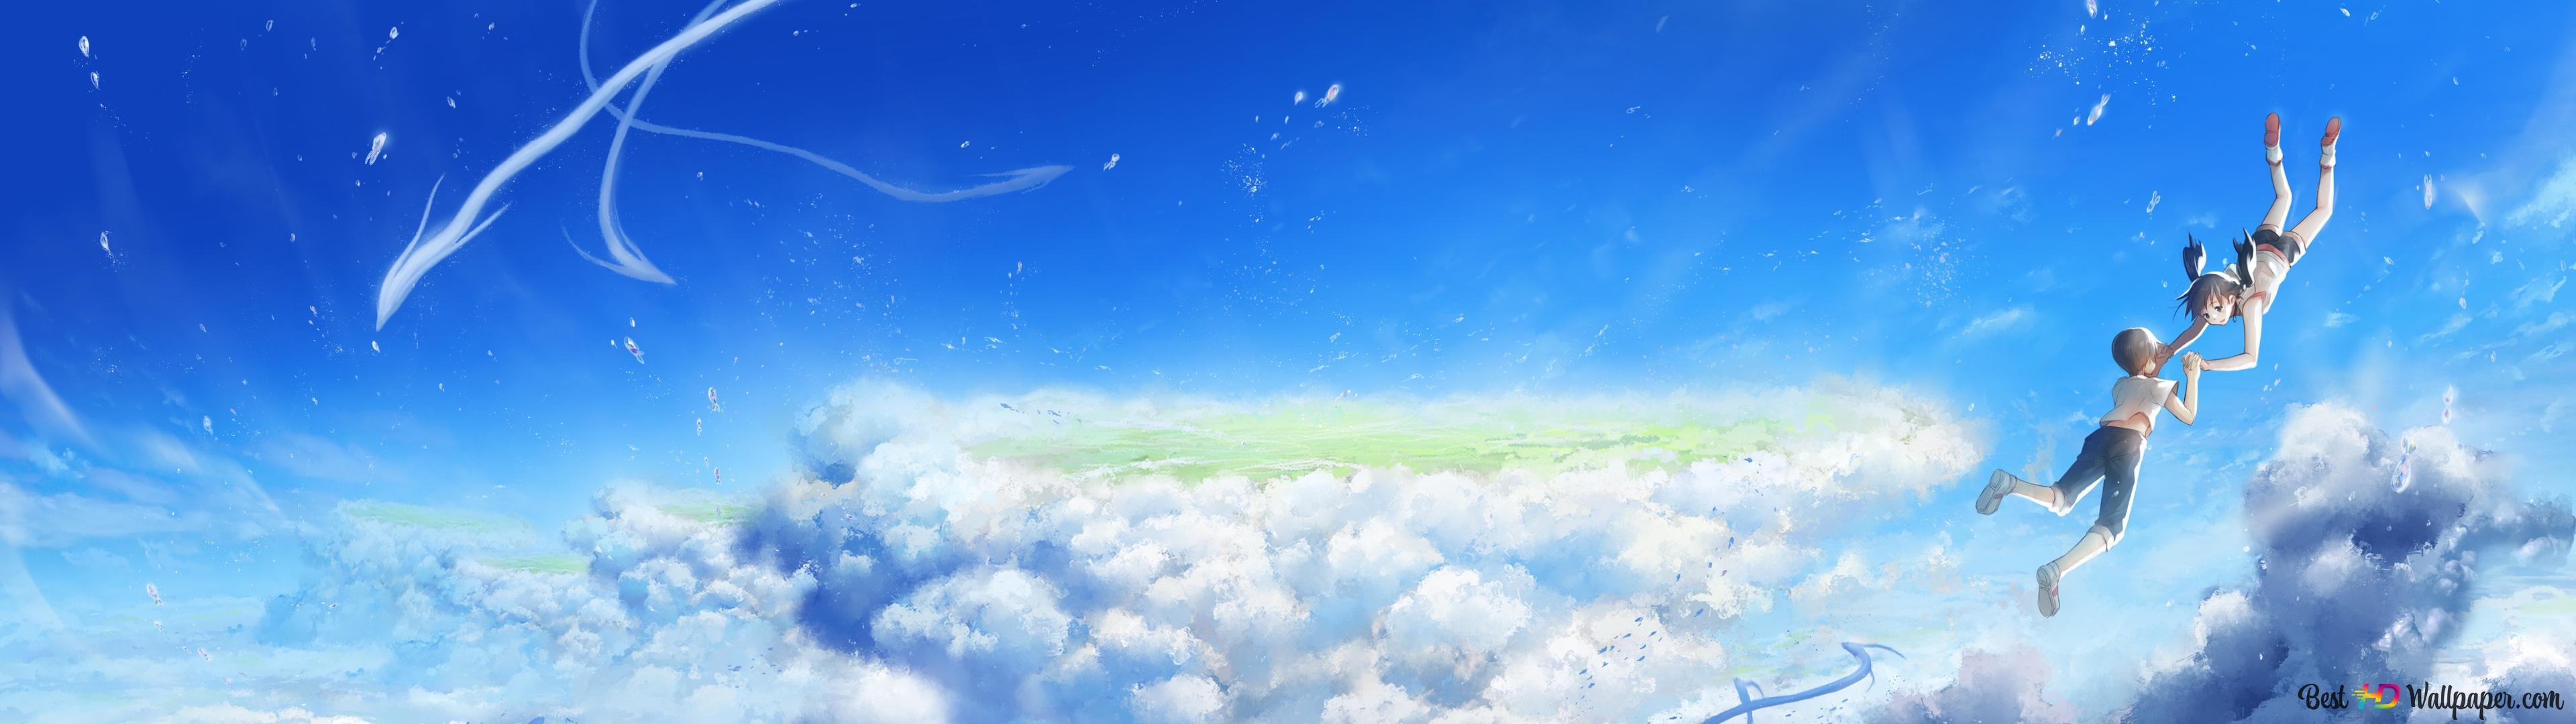 3840 1080 壁紙 3840 1080 壁紙 Fate あなたのための最高の壁紙画像